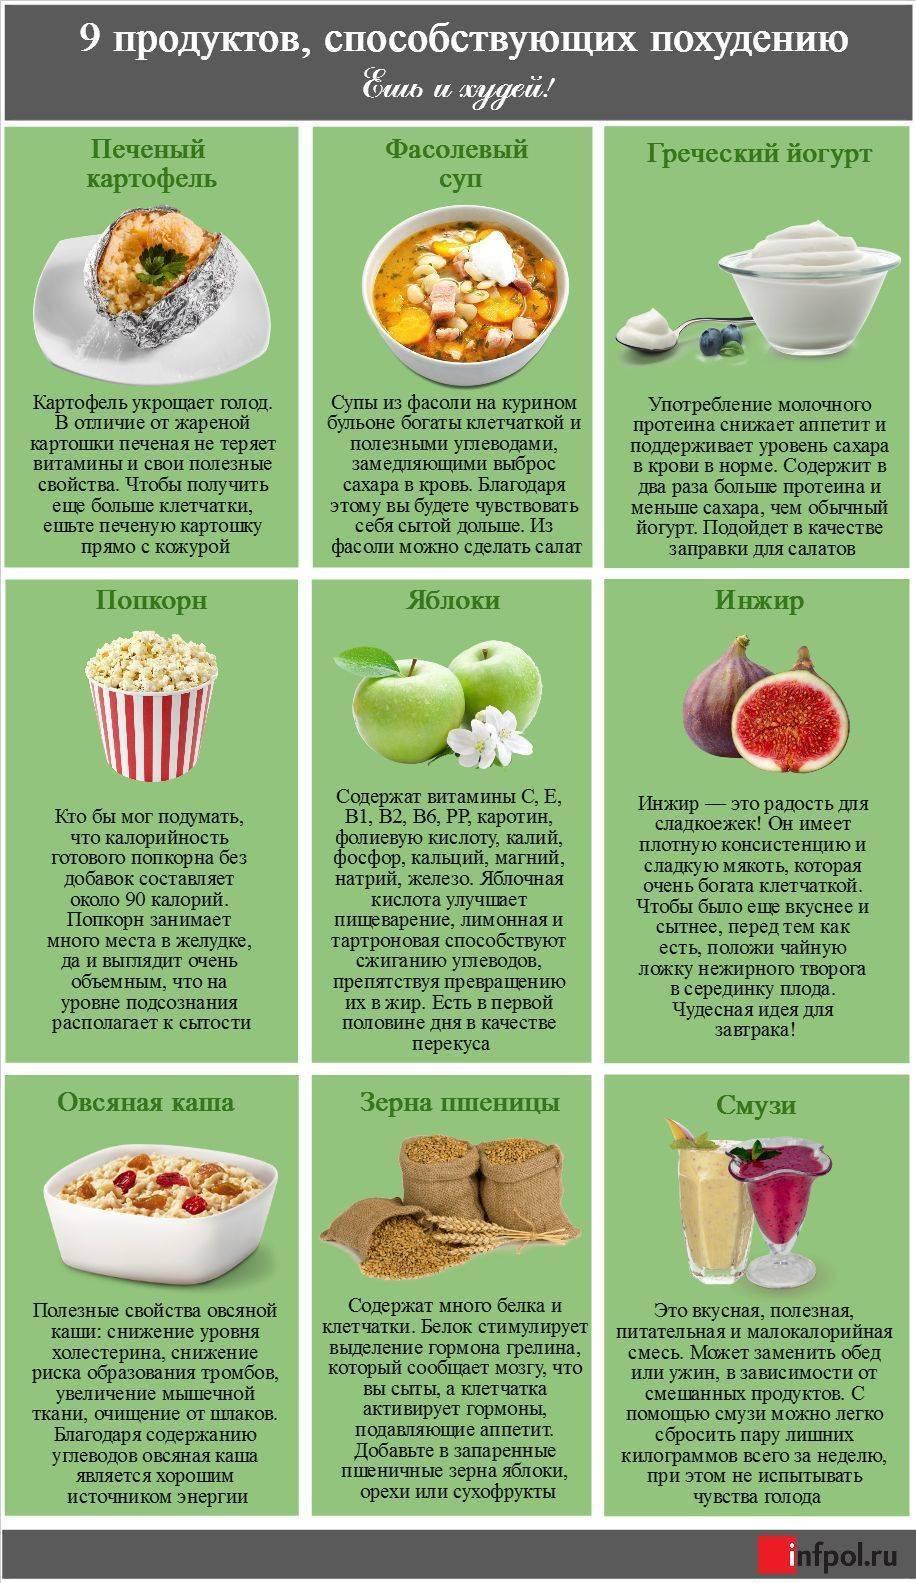 Продукты для похудения: список продуктов, которые способствуют сбросу веса, таблица калорийности / mama66.ru